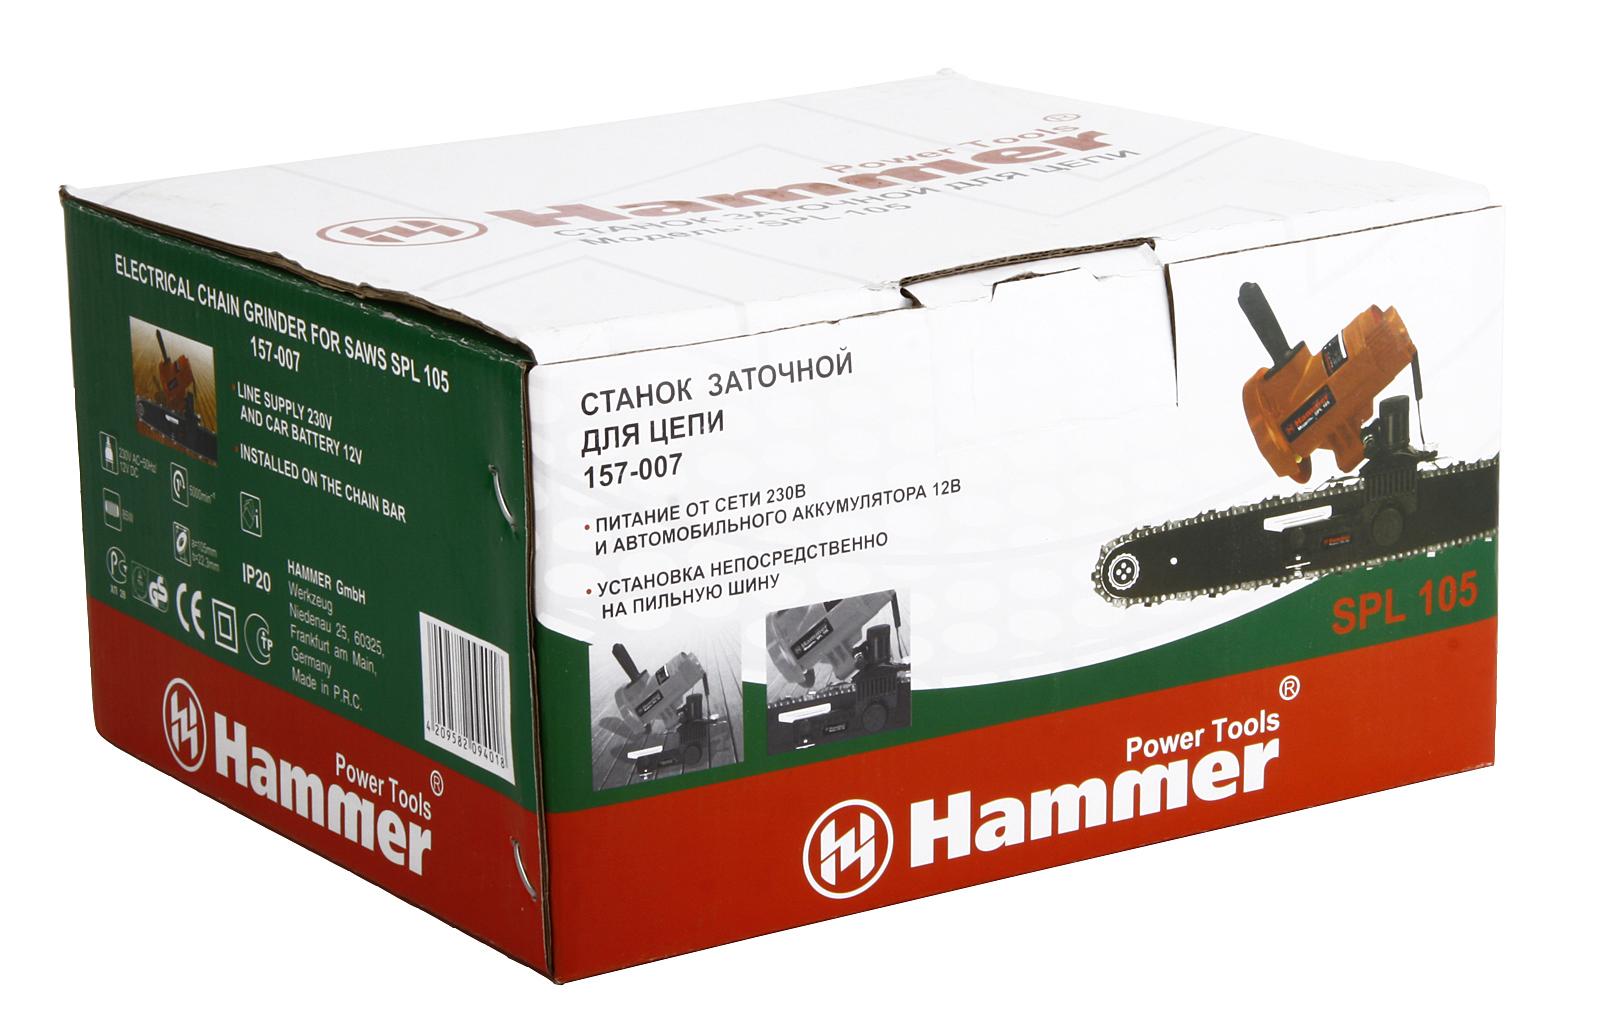 Заточной станок для цепей бензопил Hammer Spl105